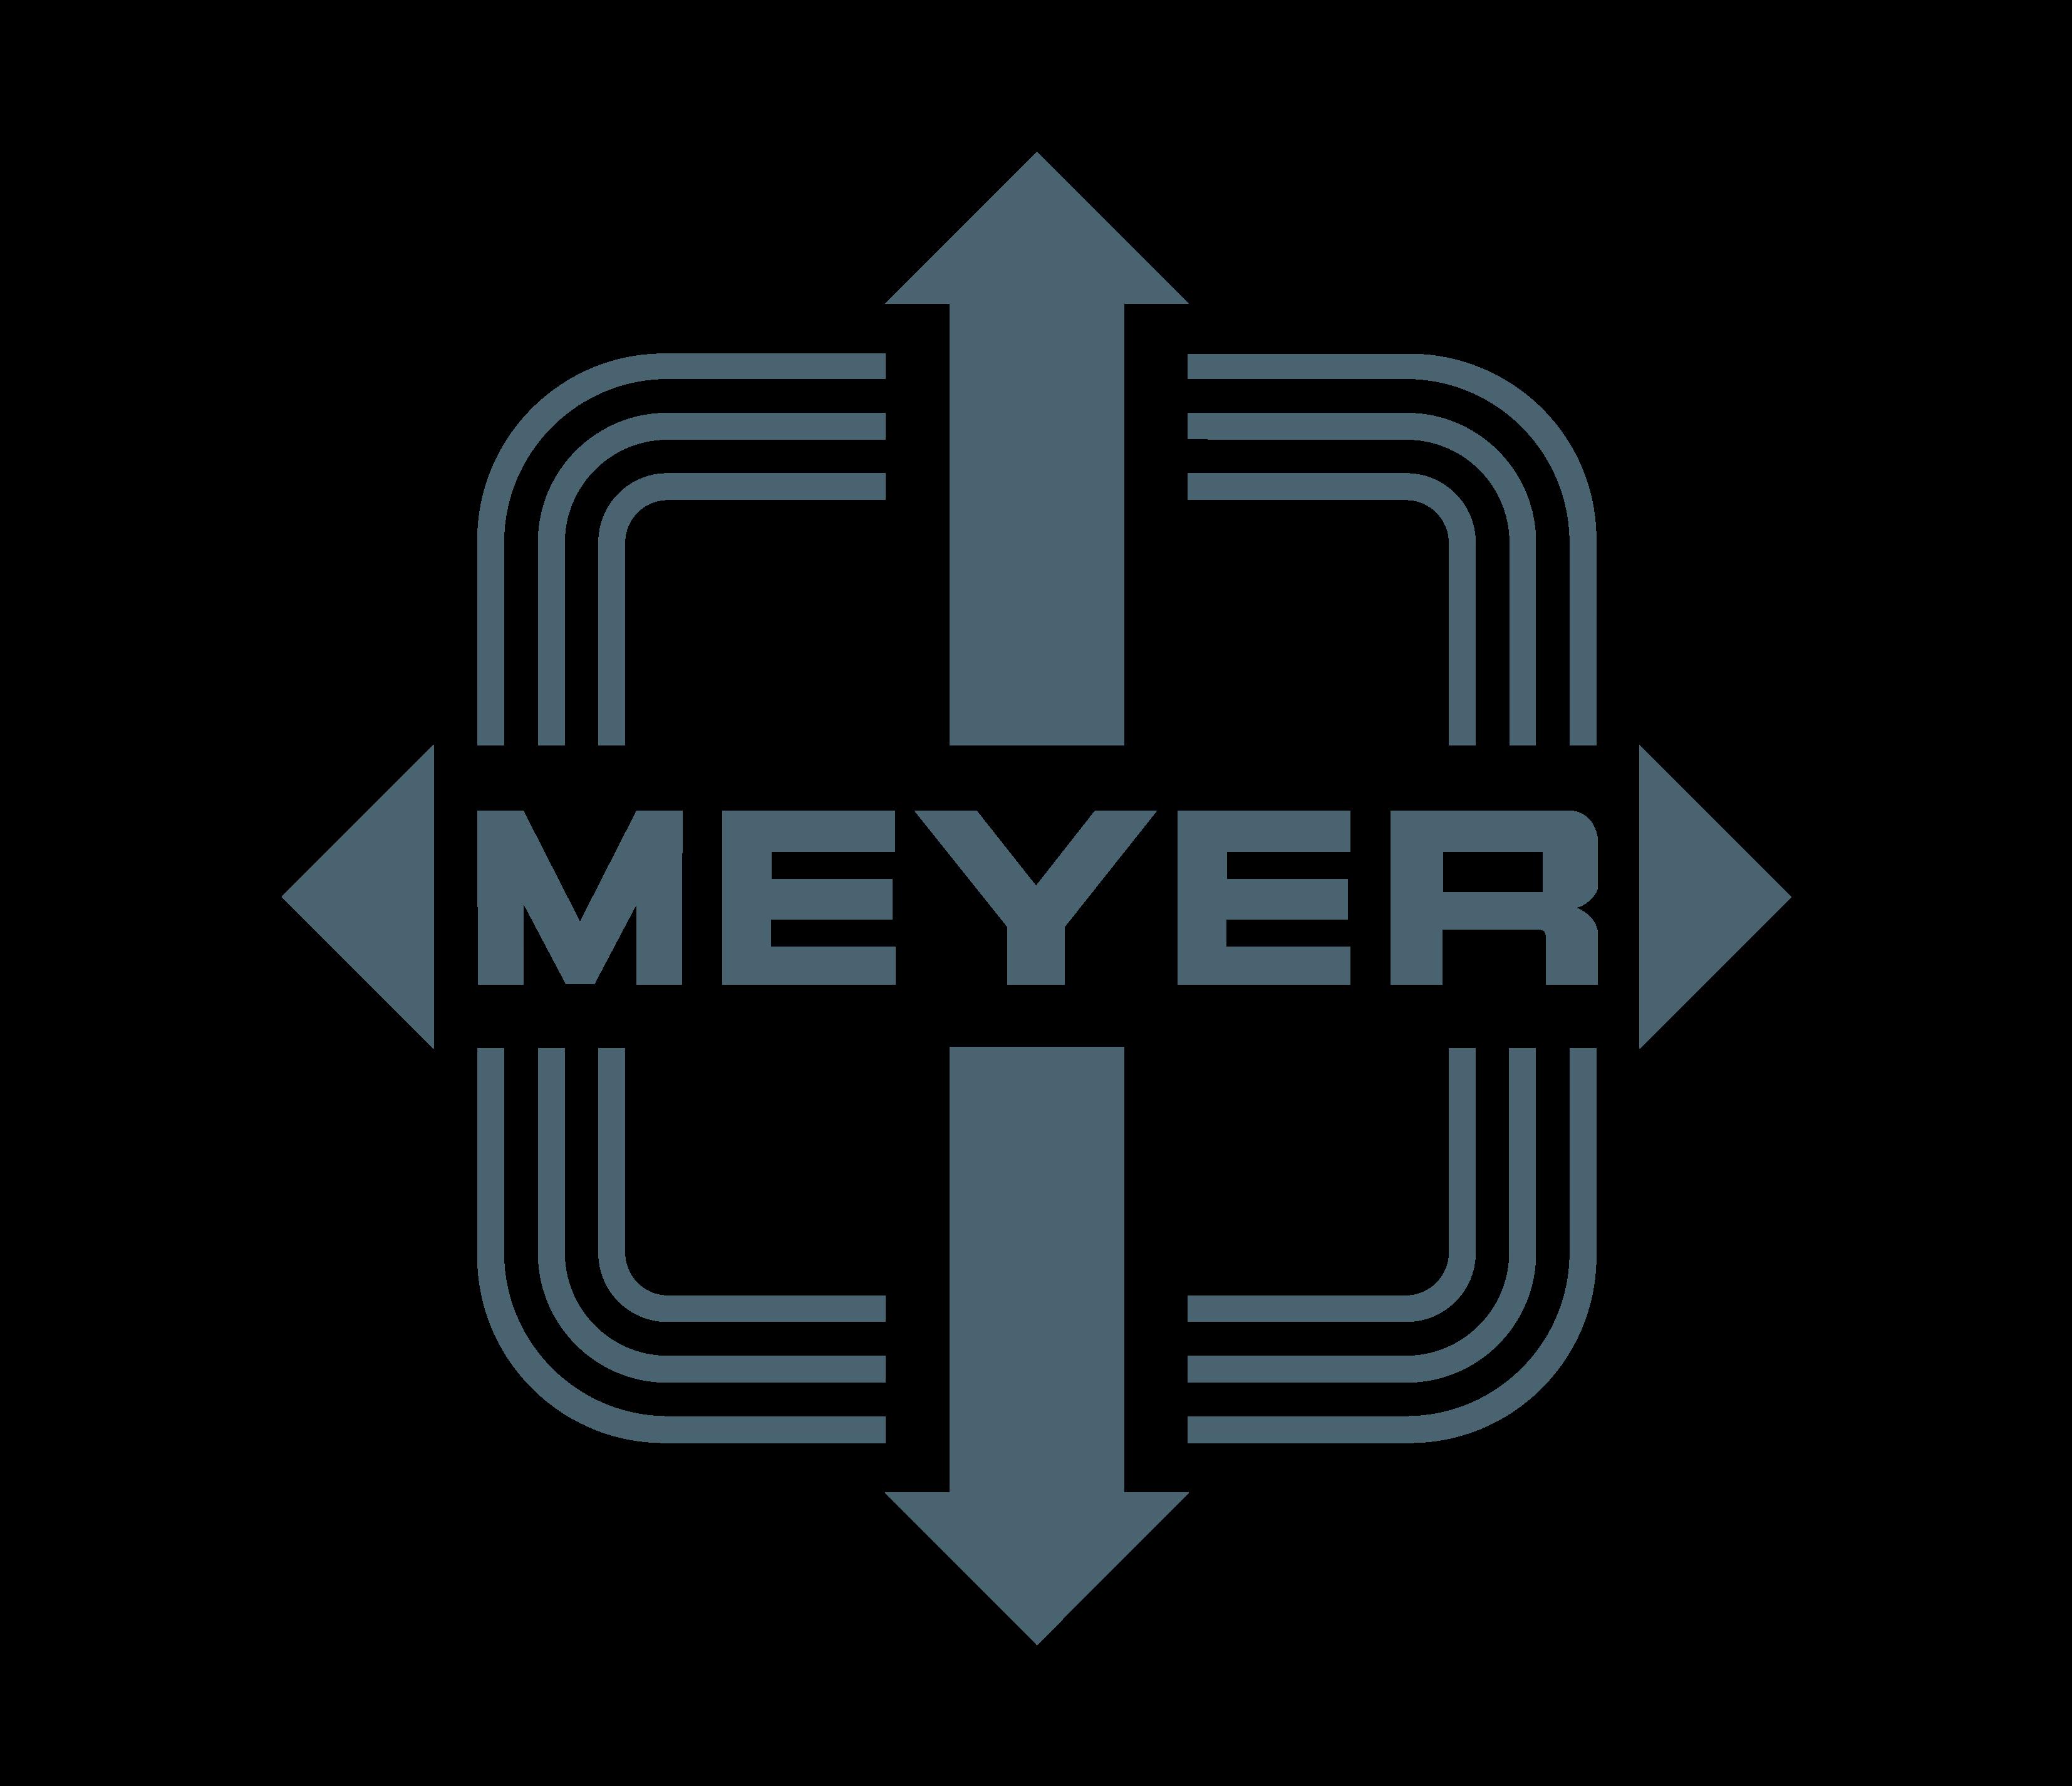 meyer-lighting-us.com